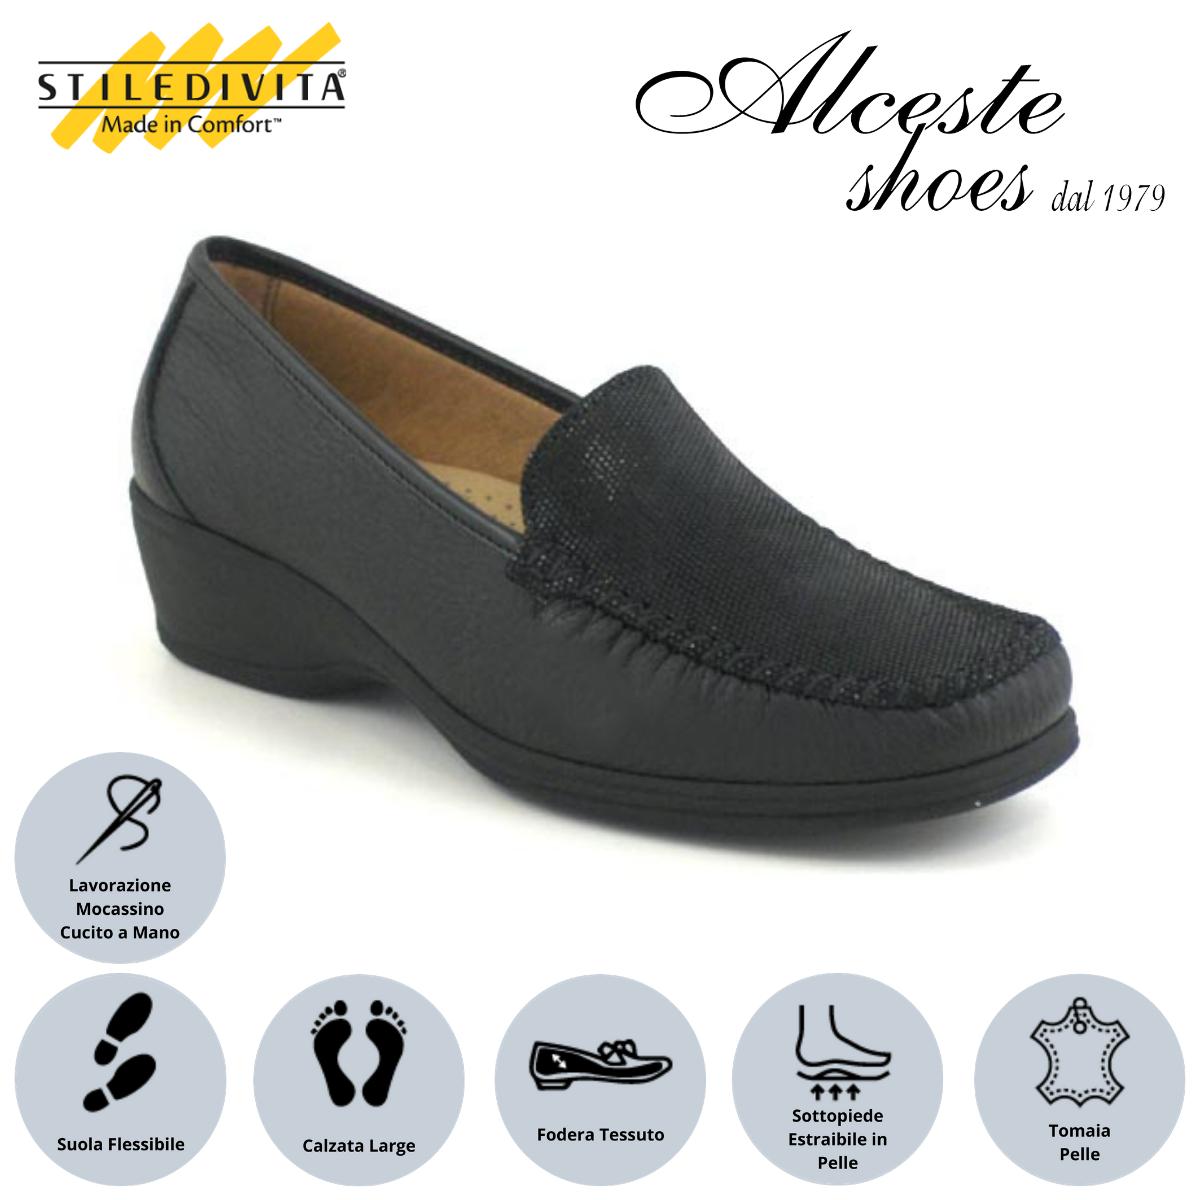 Mocassino Stiledivita Art. 2377 Pelle e Camoscio Stampato Nero Alceste Shoes Stile di vita estate 2019